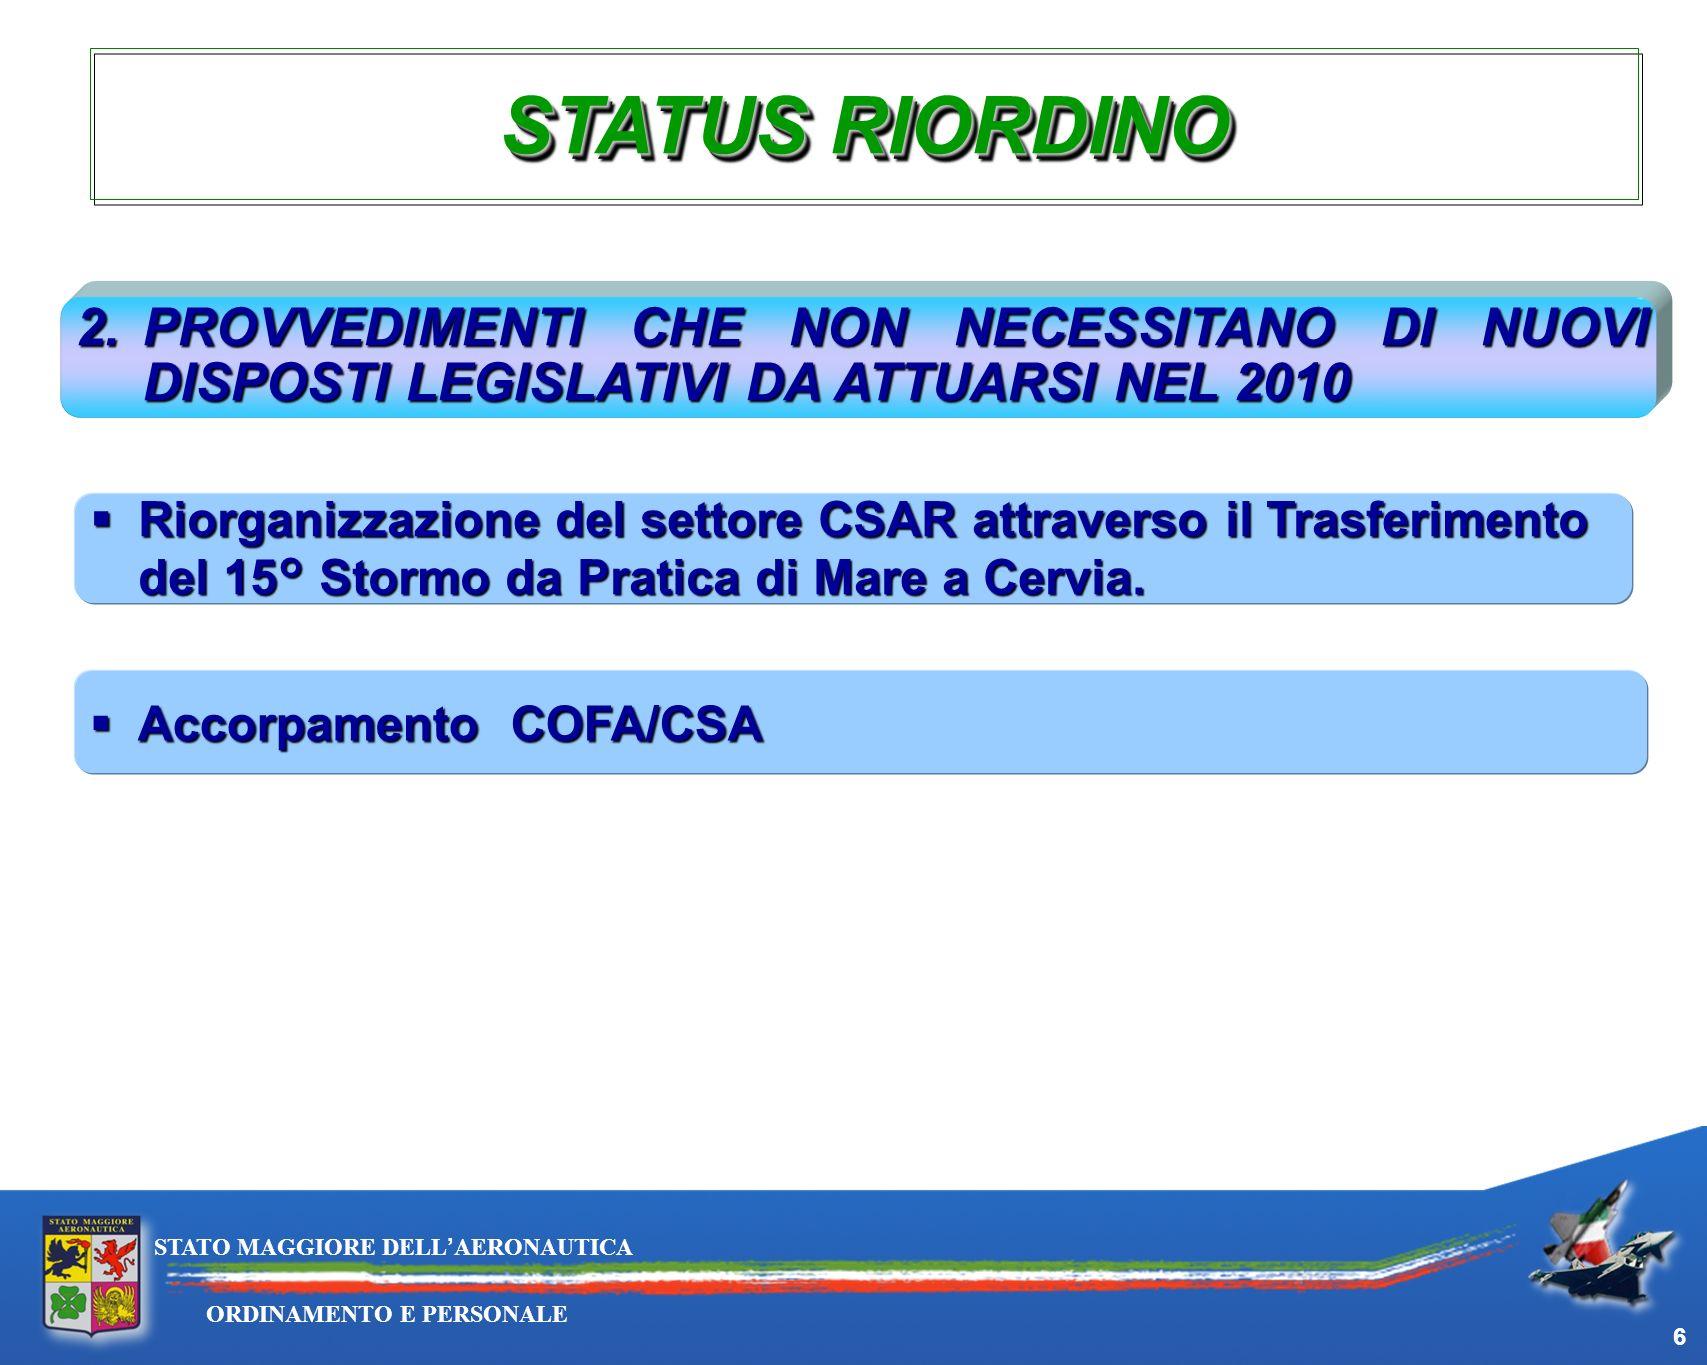 29/03/2017 STATUS RIORDINO. 2. PROVVEDIMENTI CHE NON NECESSITANO DI NUOVI DISPOSTI LEGISLATIVI DA ATTUARSI NEL 2010.